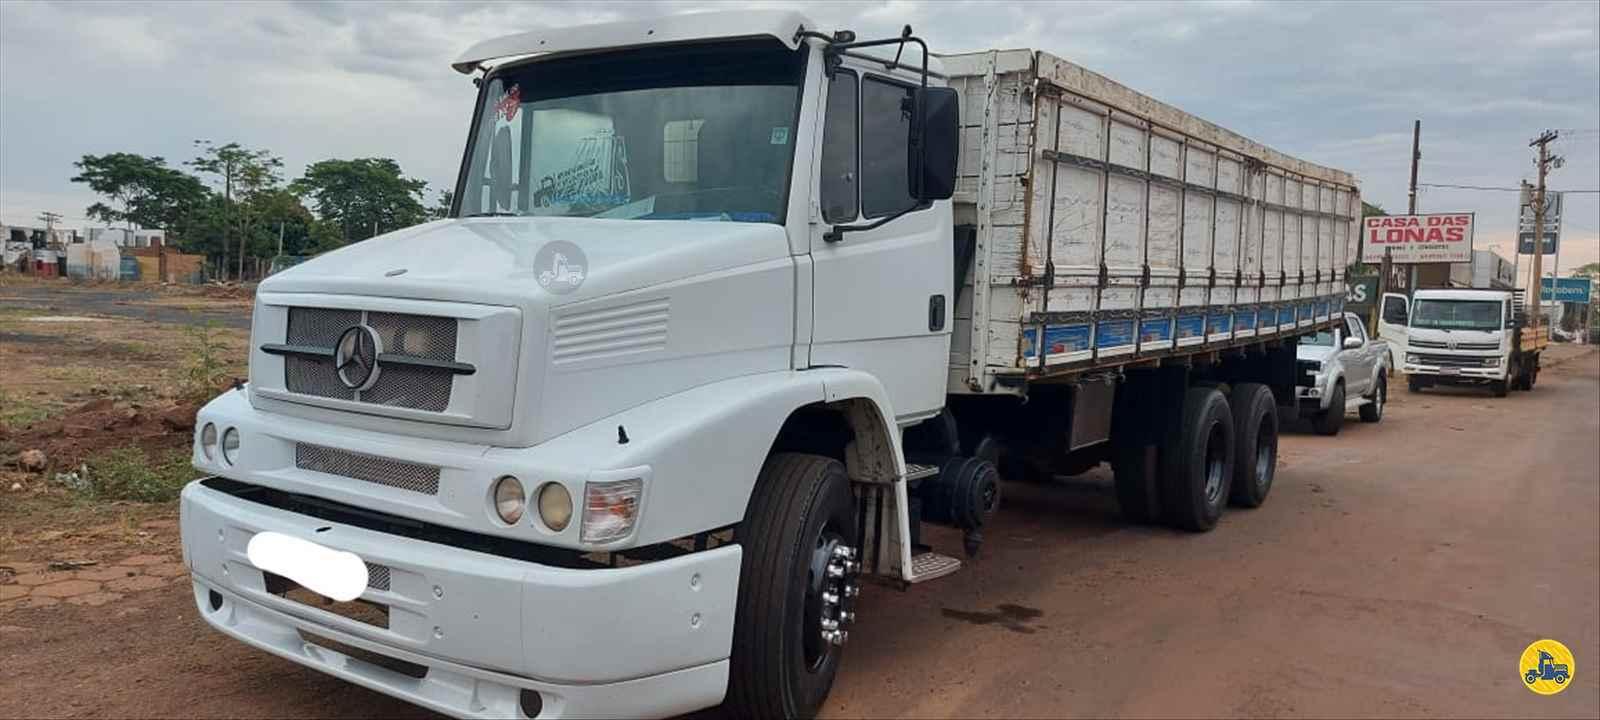 CAMINHAO MERCEDES-BENZ MB 1620 Graneleiro Truck 6x2 André Caminhões RIO VERDE GOIAS GO